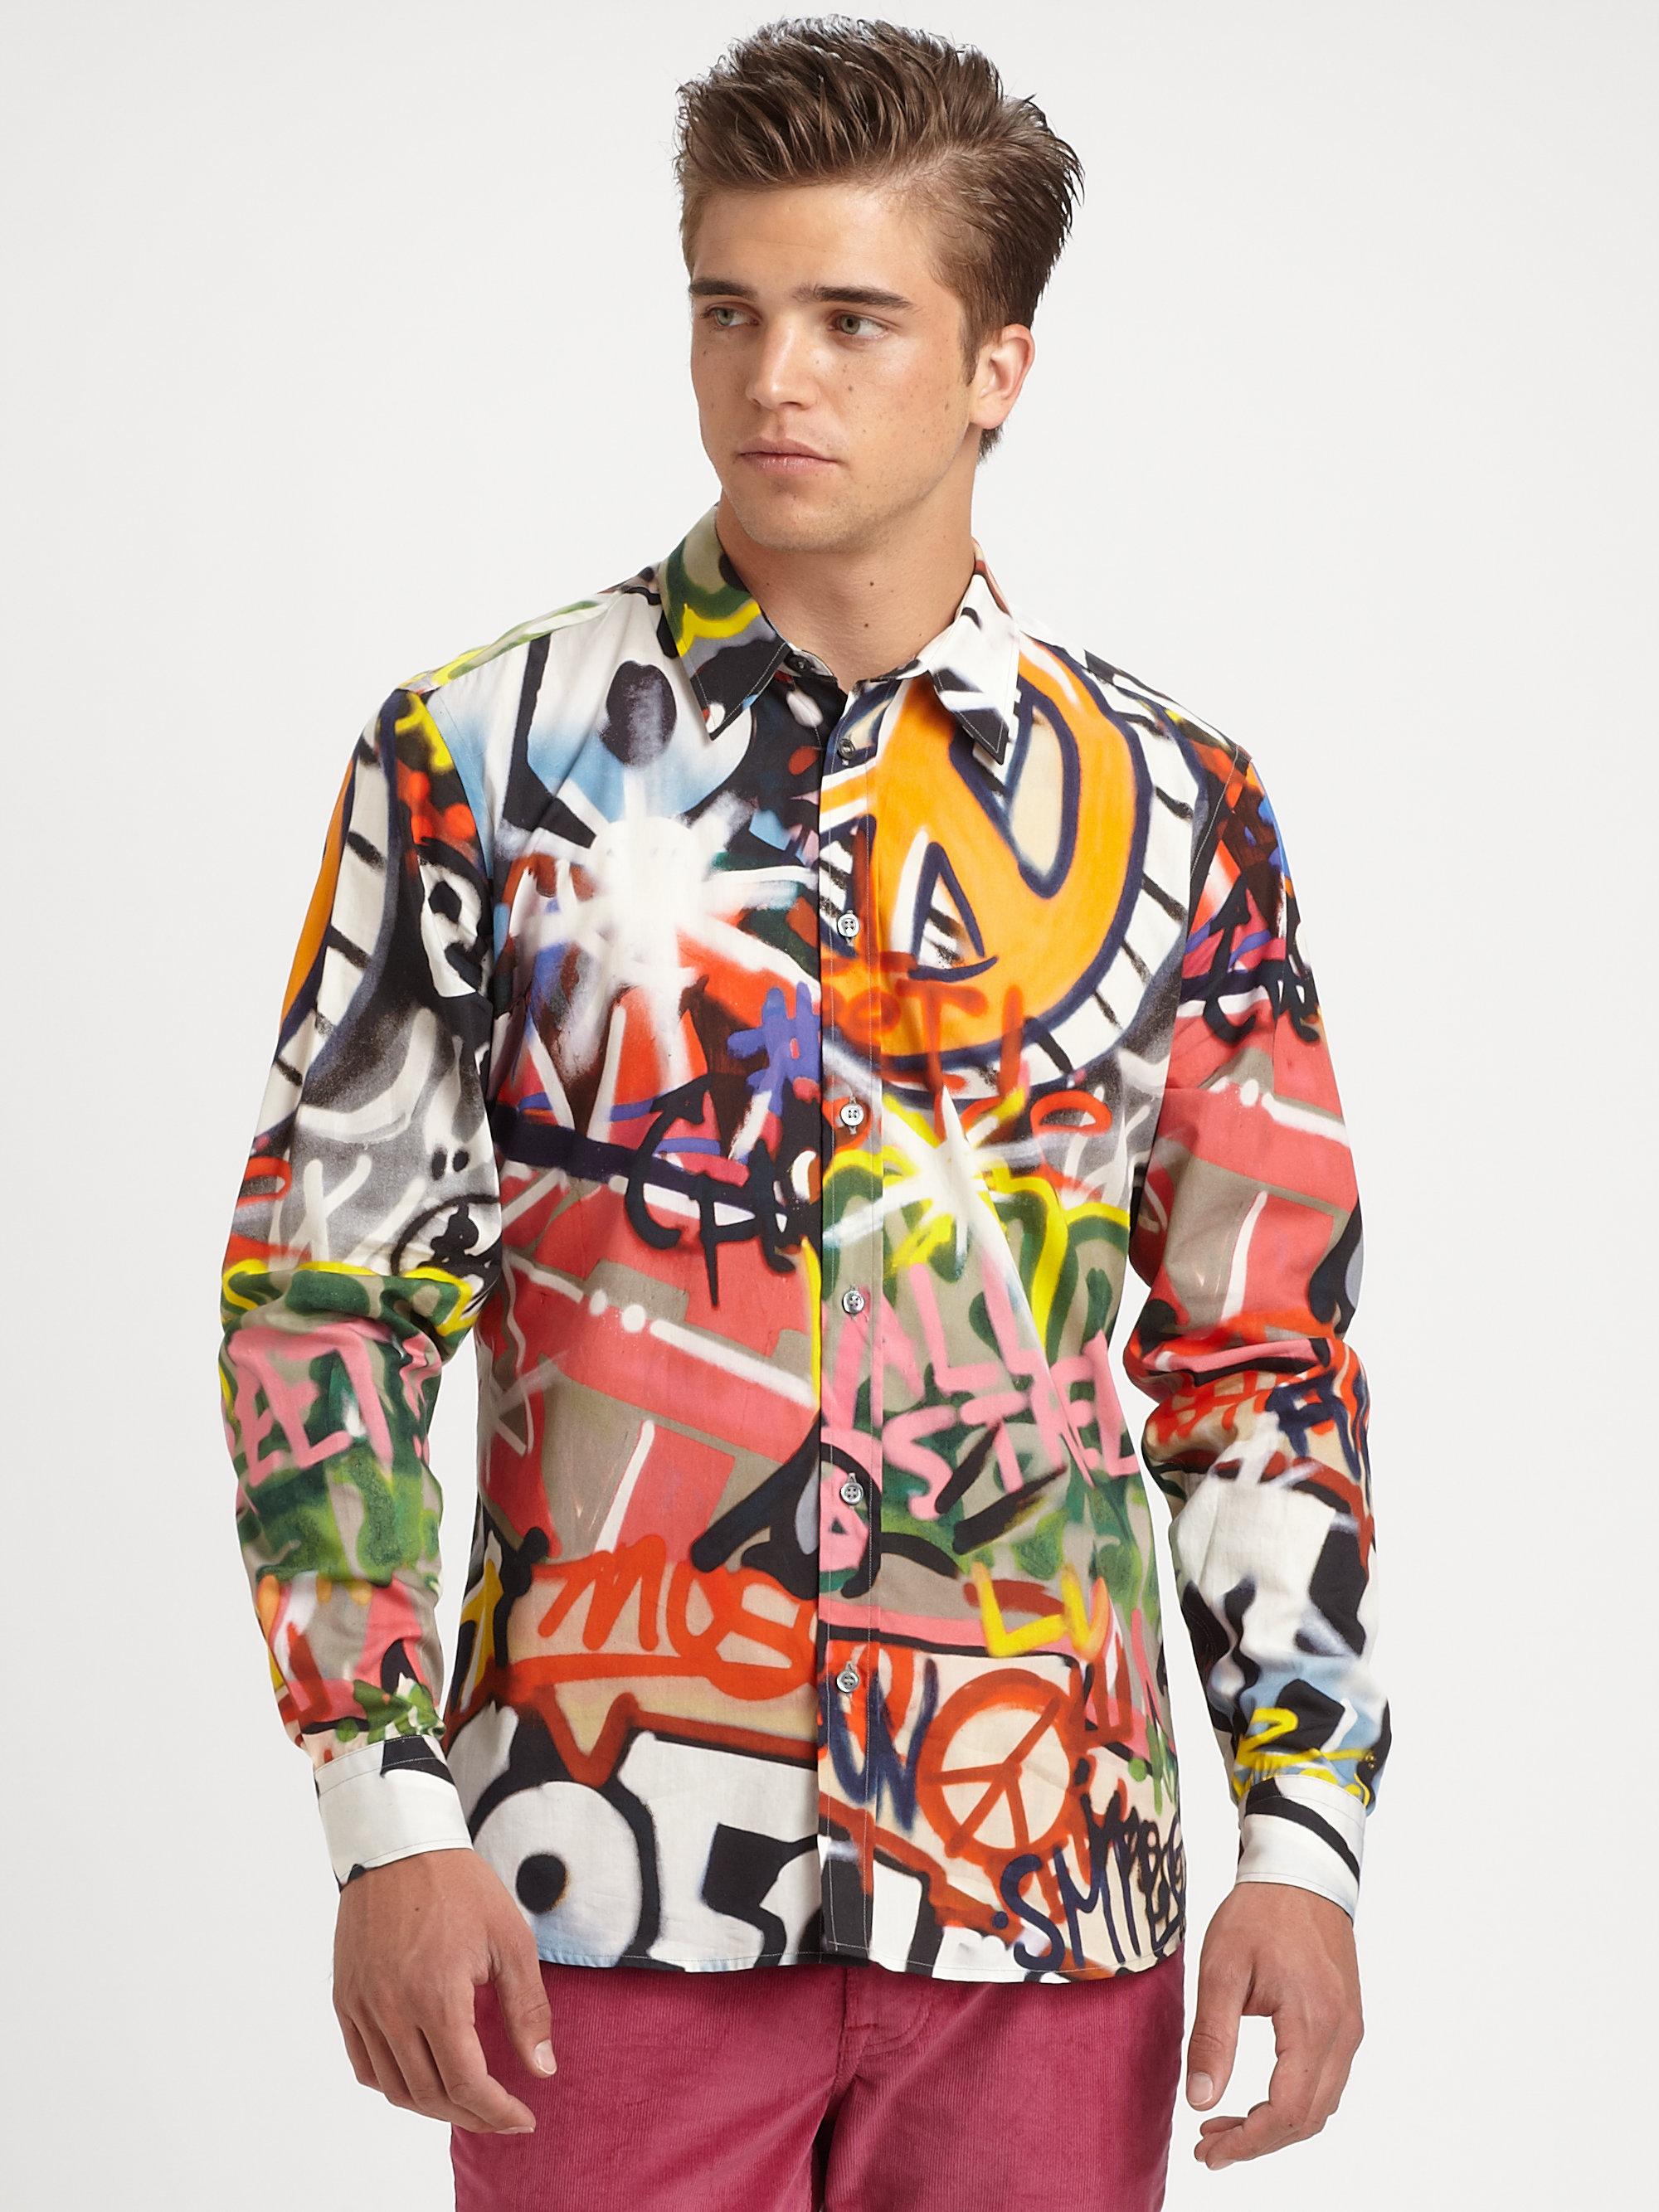 Men Urban Dress Shirts